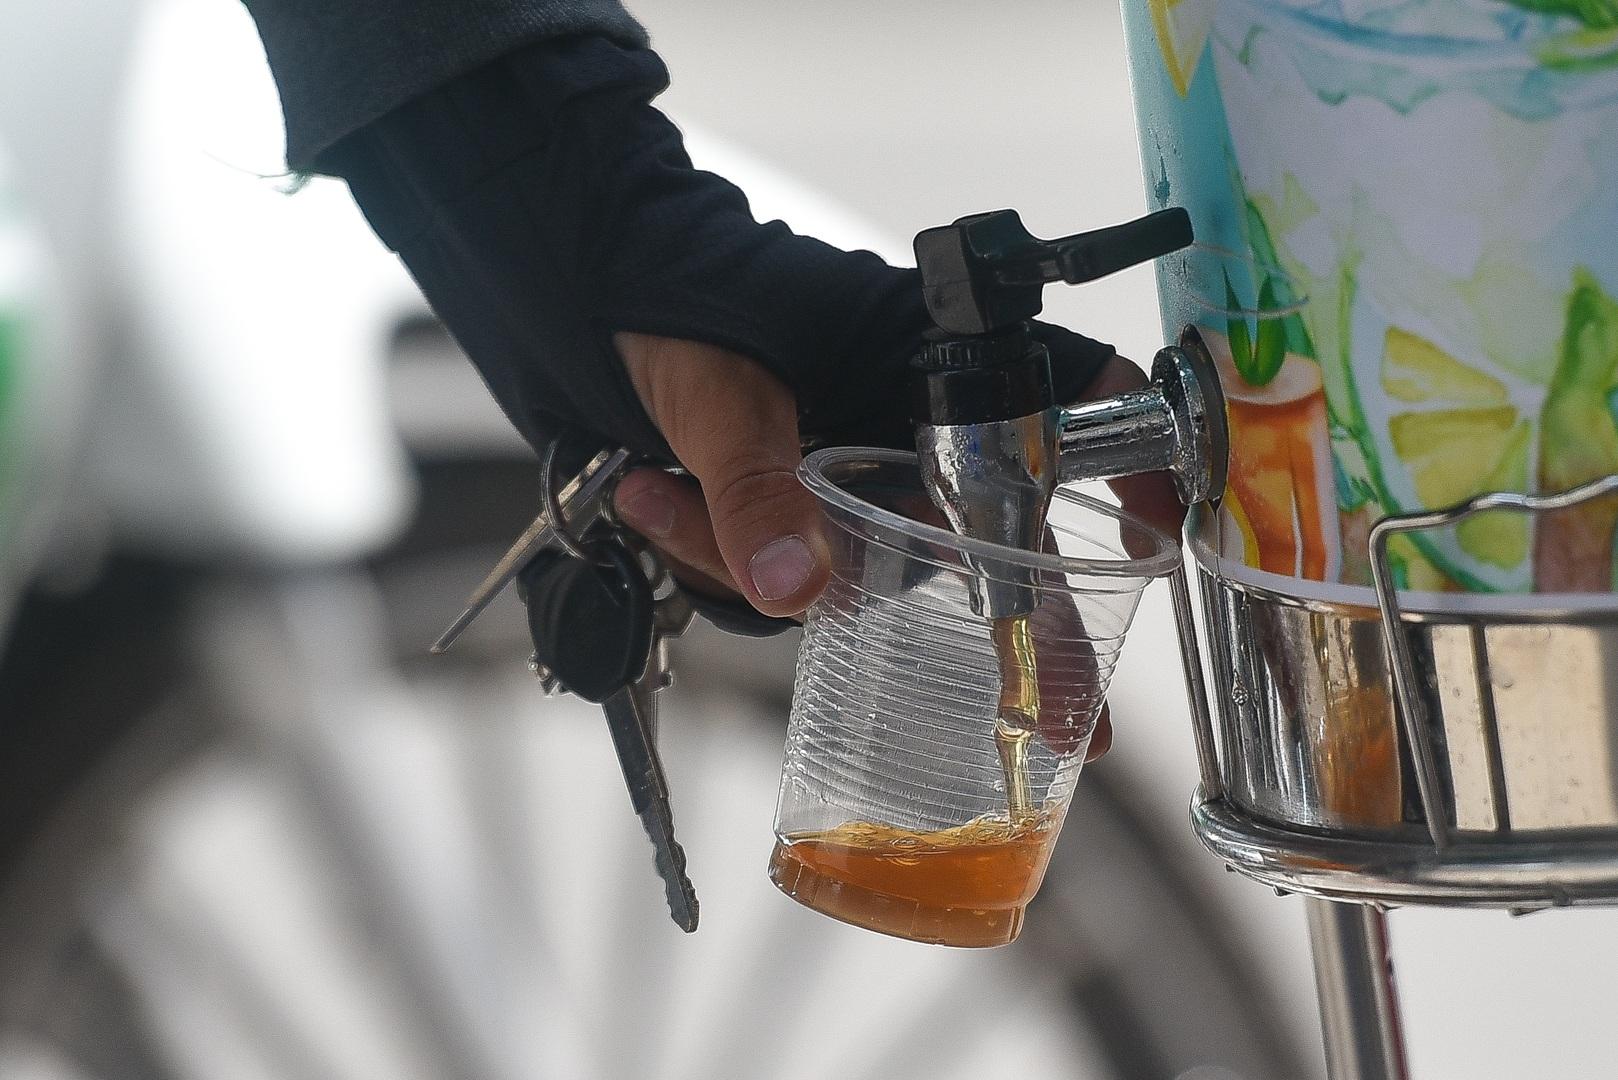 Hà Nội: Mát lòng trà chanh đá miễn phí giữa ngày nắng đỉnh điểm - 4